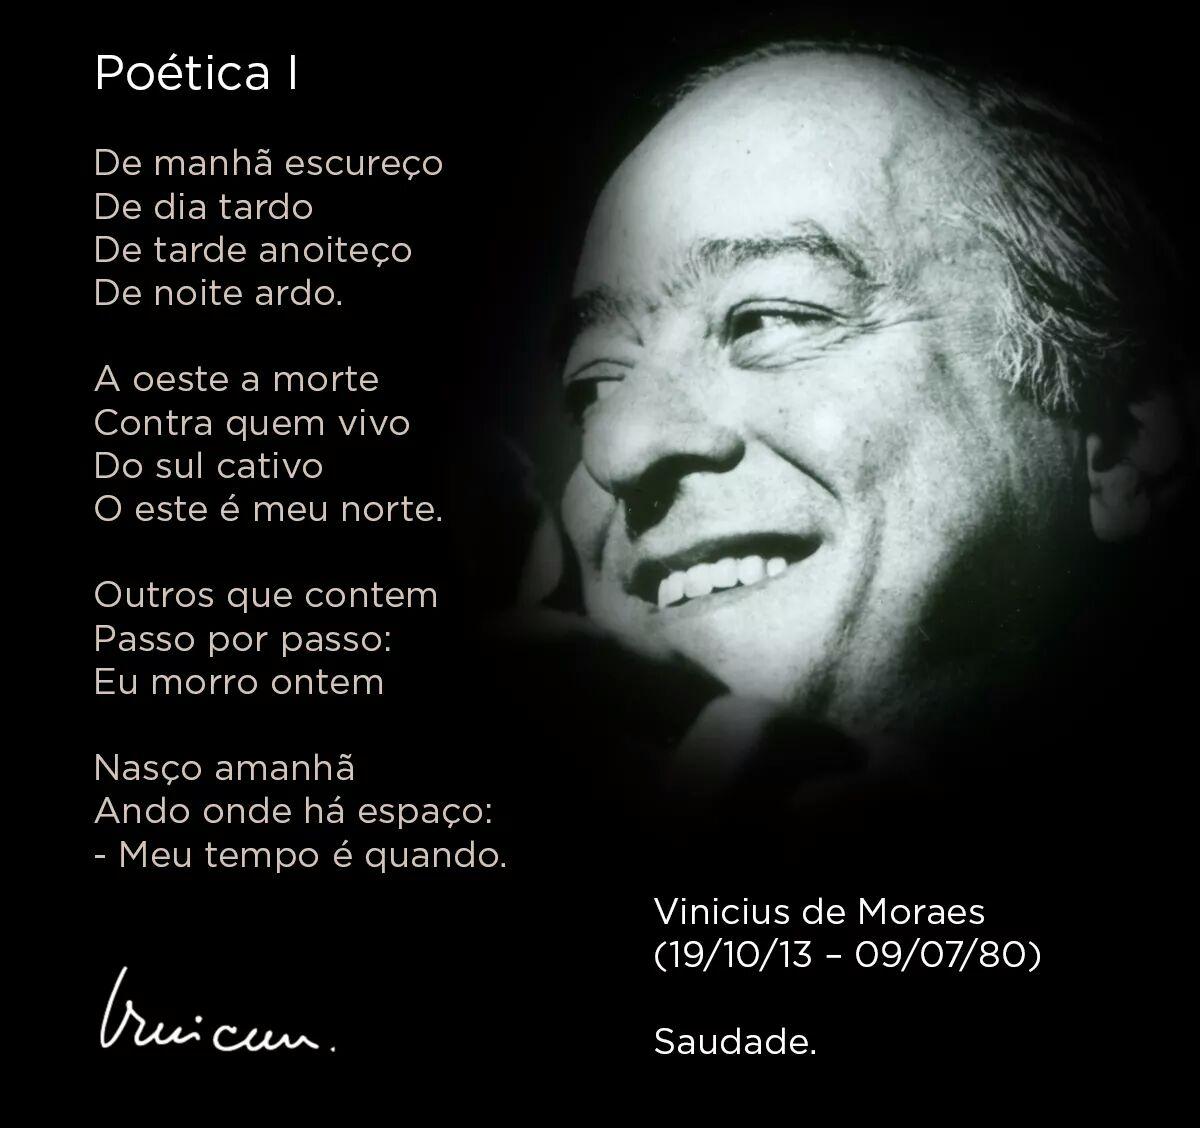 Muito Poesia na vida: Vinícius de Moraes, Poética – OPINIÃO CENTRAL GQ69